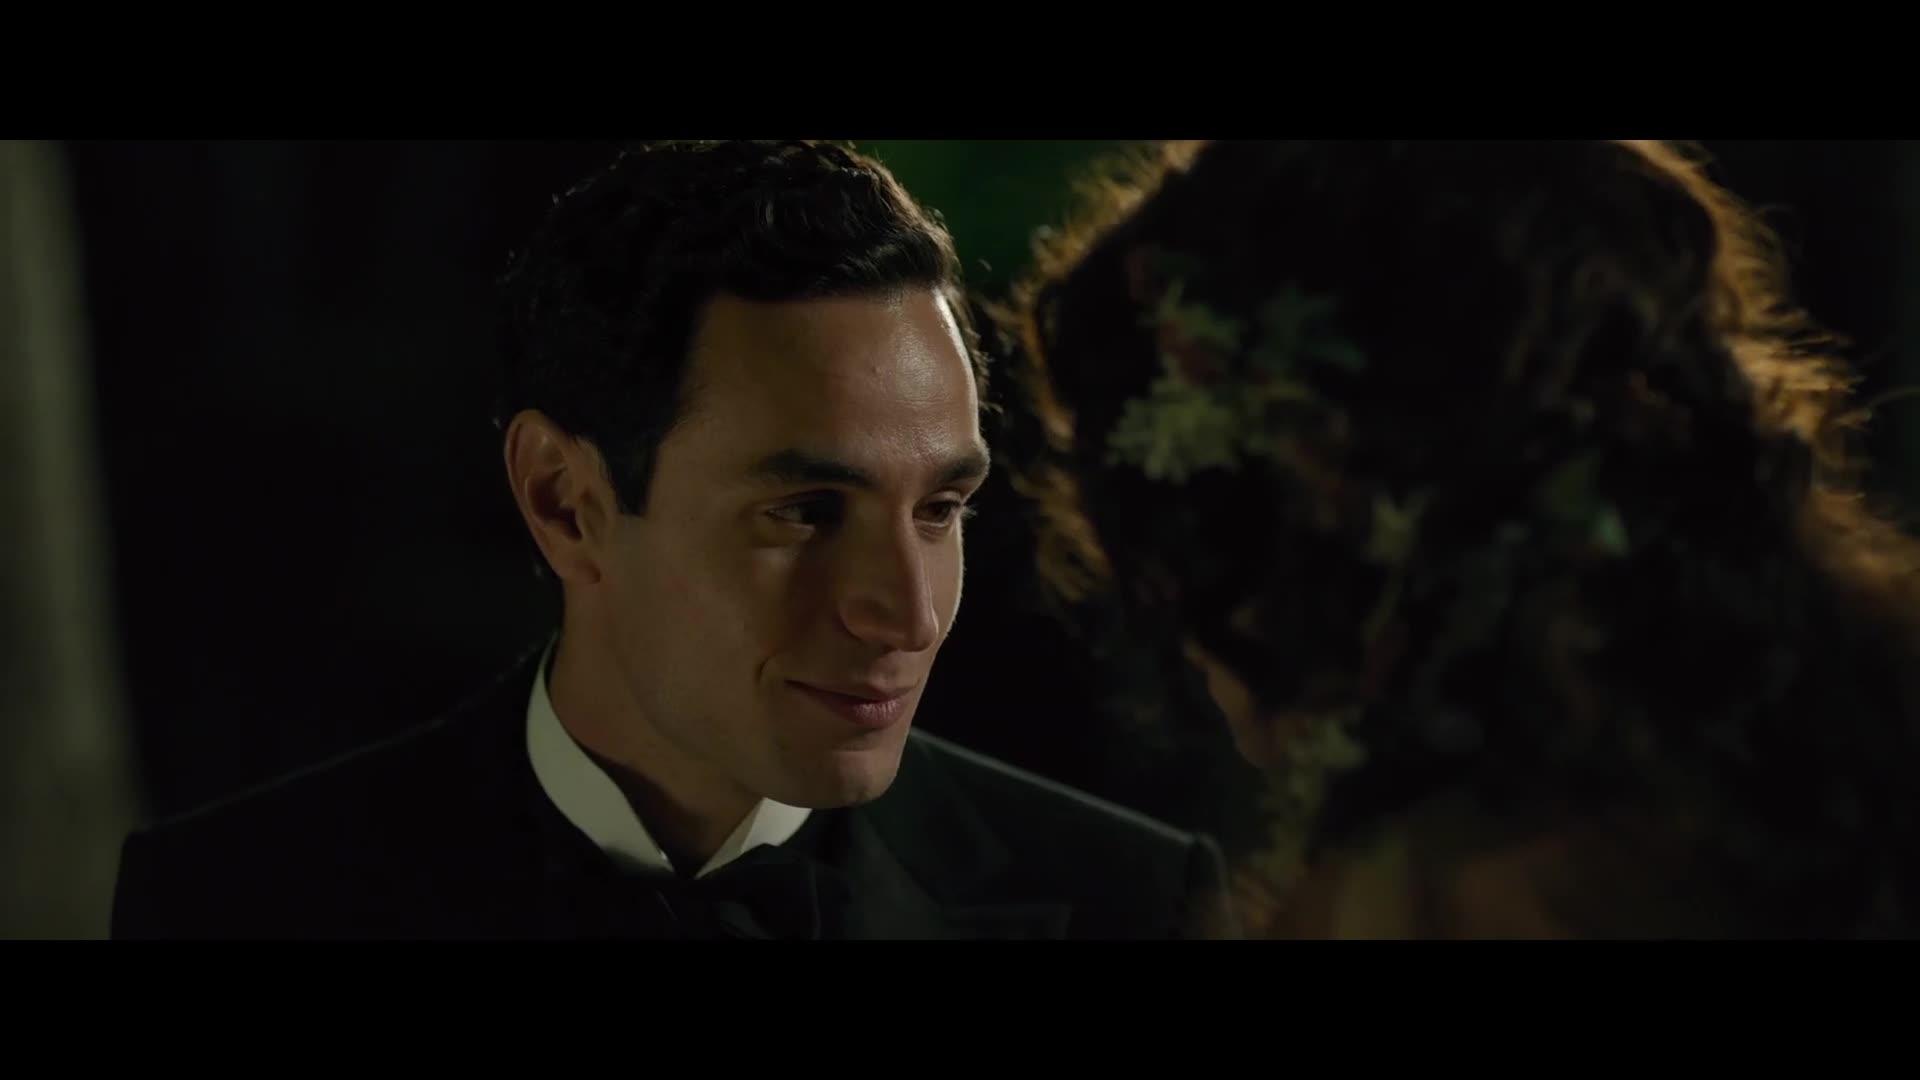 美女结婚要求太简单了,只要去巴黎就行,小伙高兴坏了